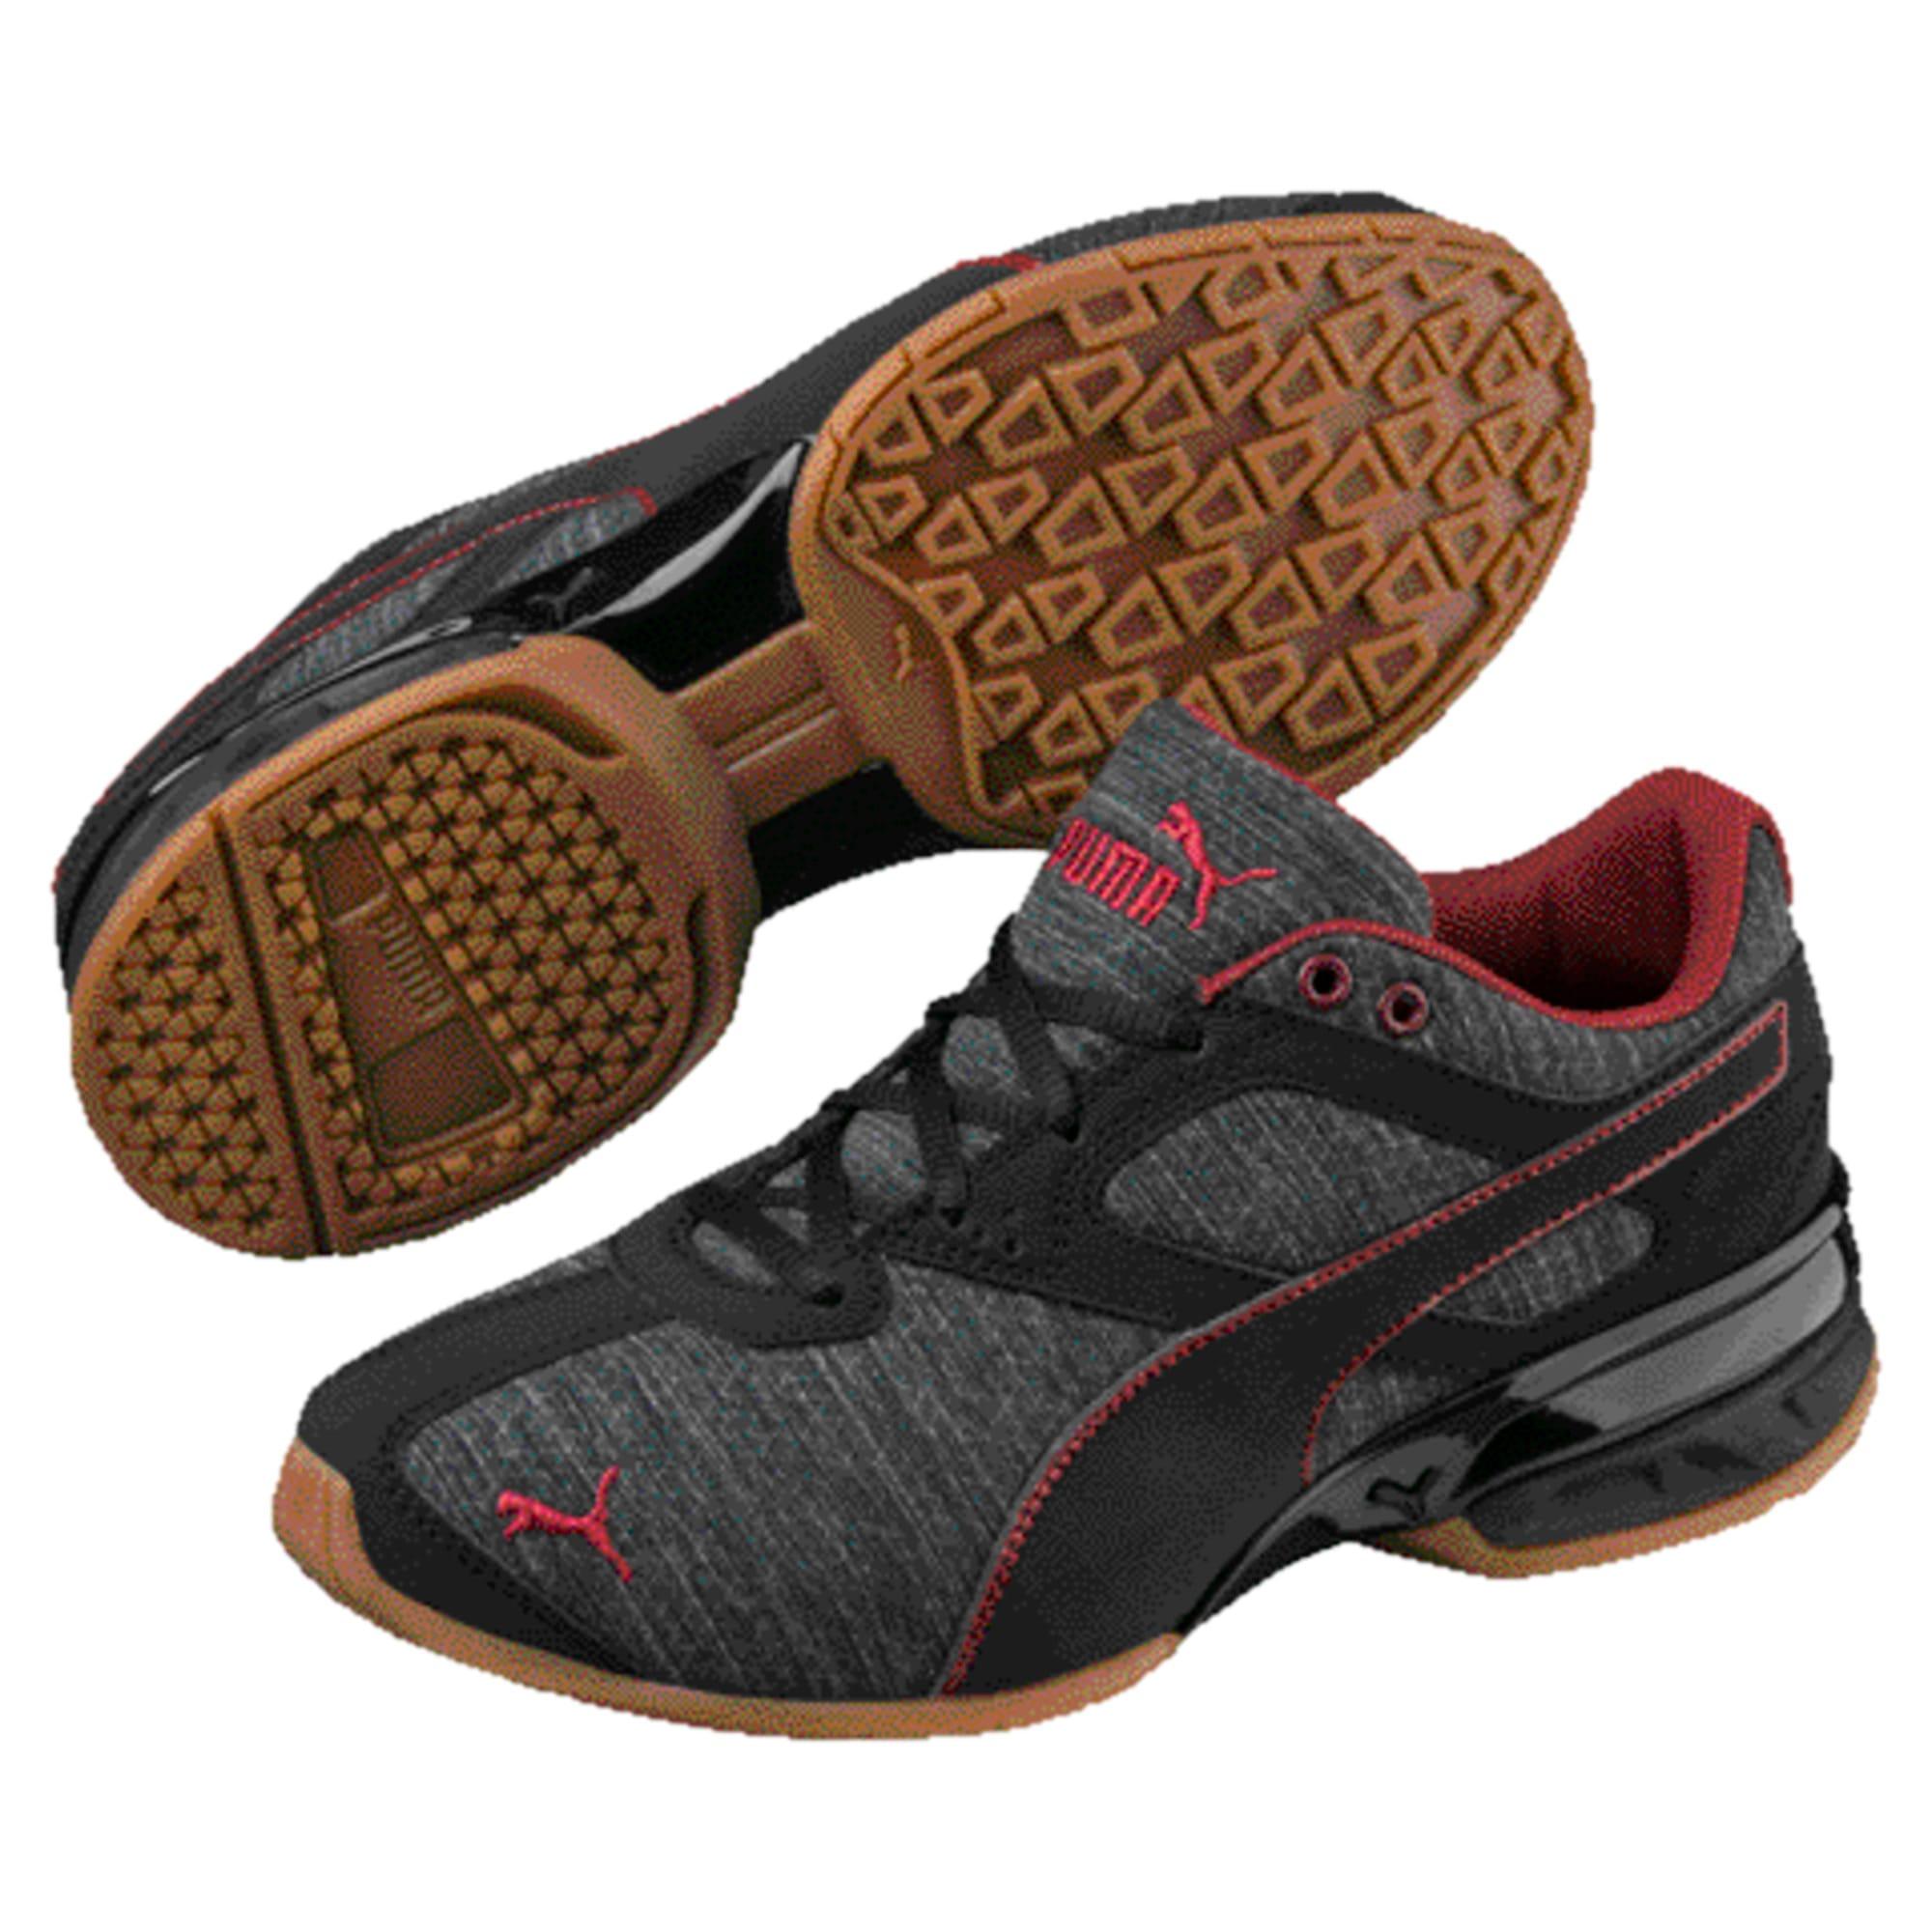 Thumbnail 1 of Tazon 6 Heather Rip Little Kids' Shoes, Iron Gate-Black-Pomegranate, medium